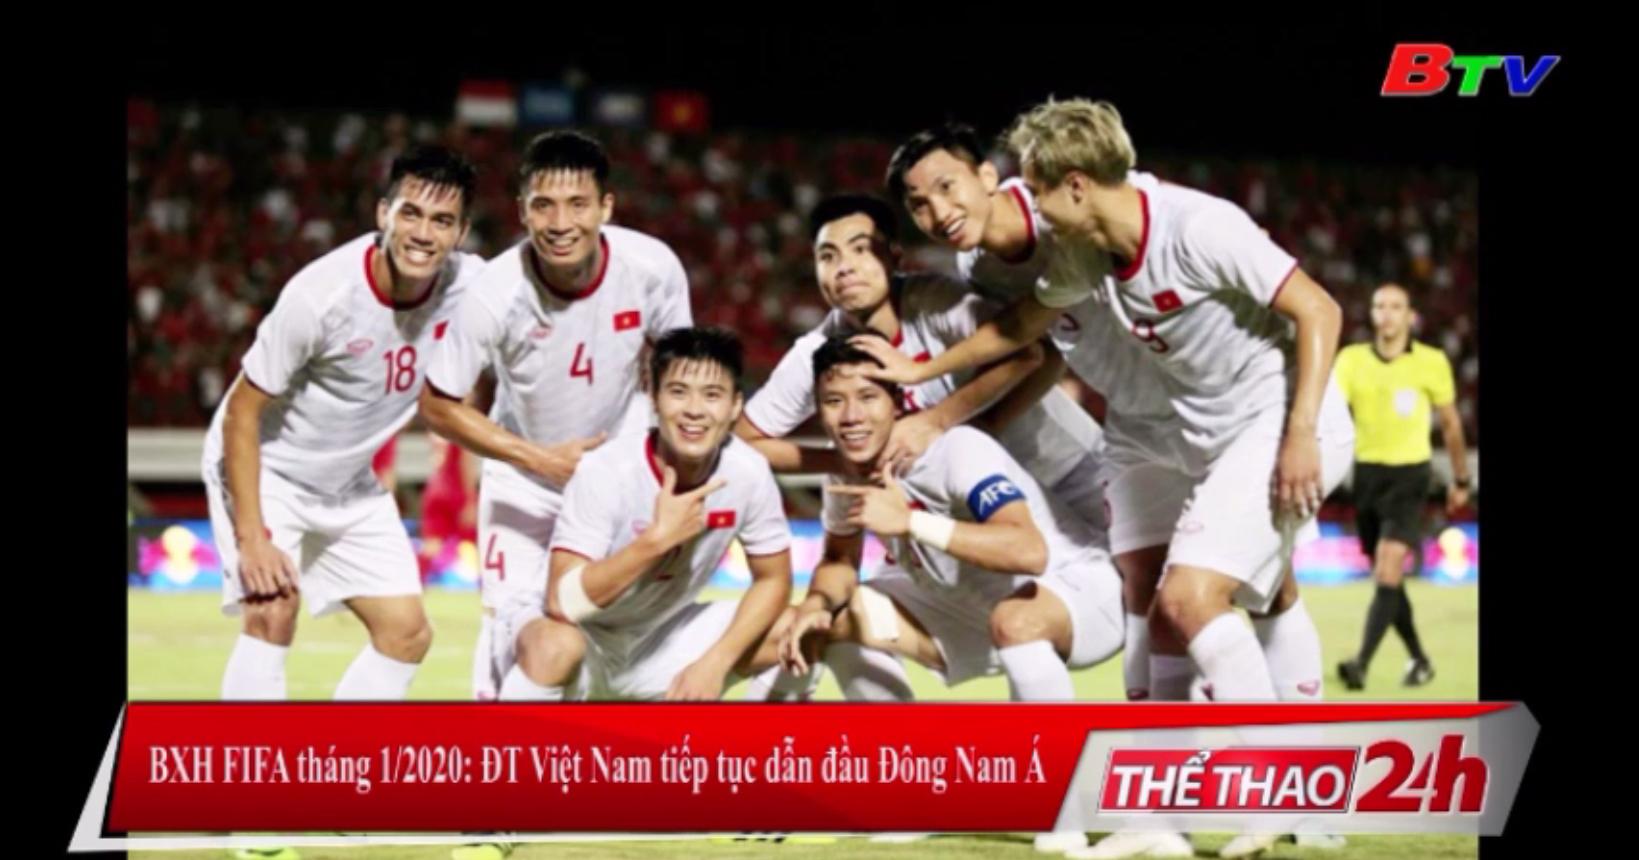 BXH FIFA tháng 1/2020 - ĐT Việt Nam tiếp tục dẫn đầu Đông Nam Á